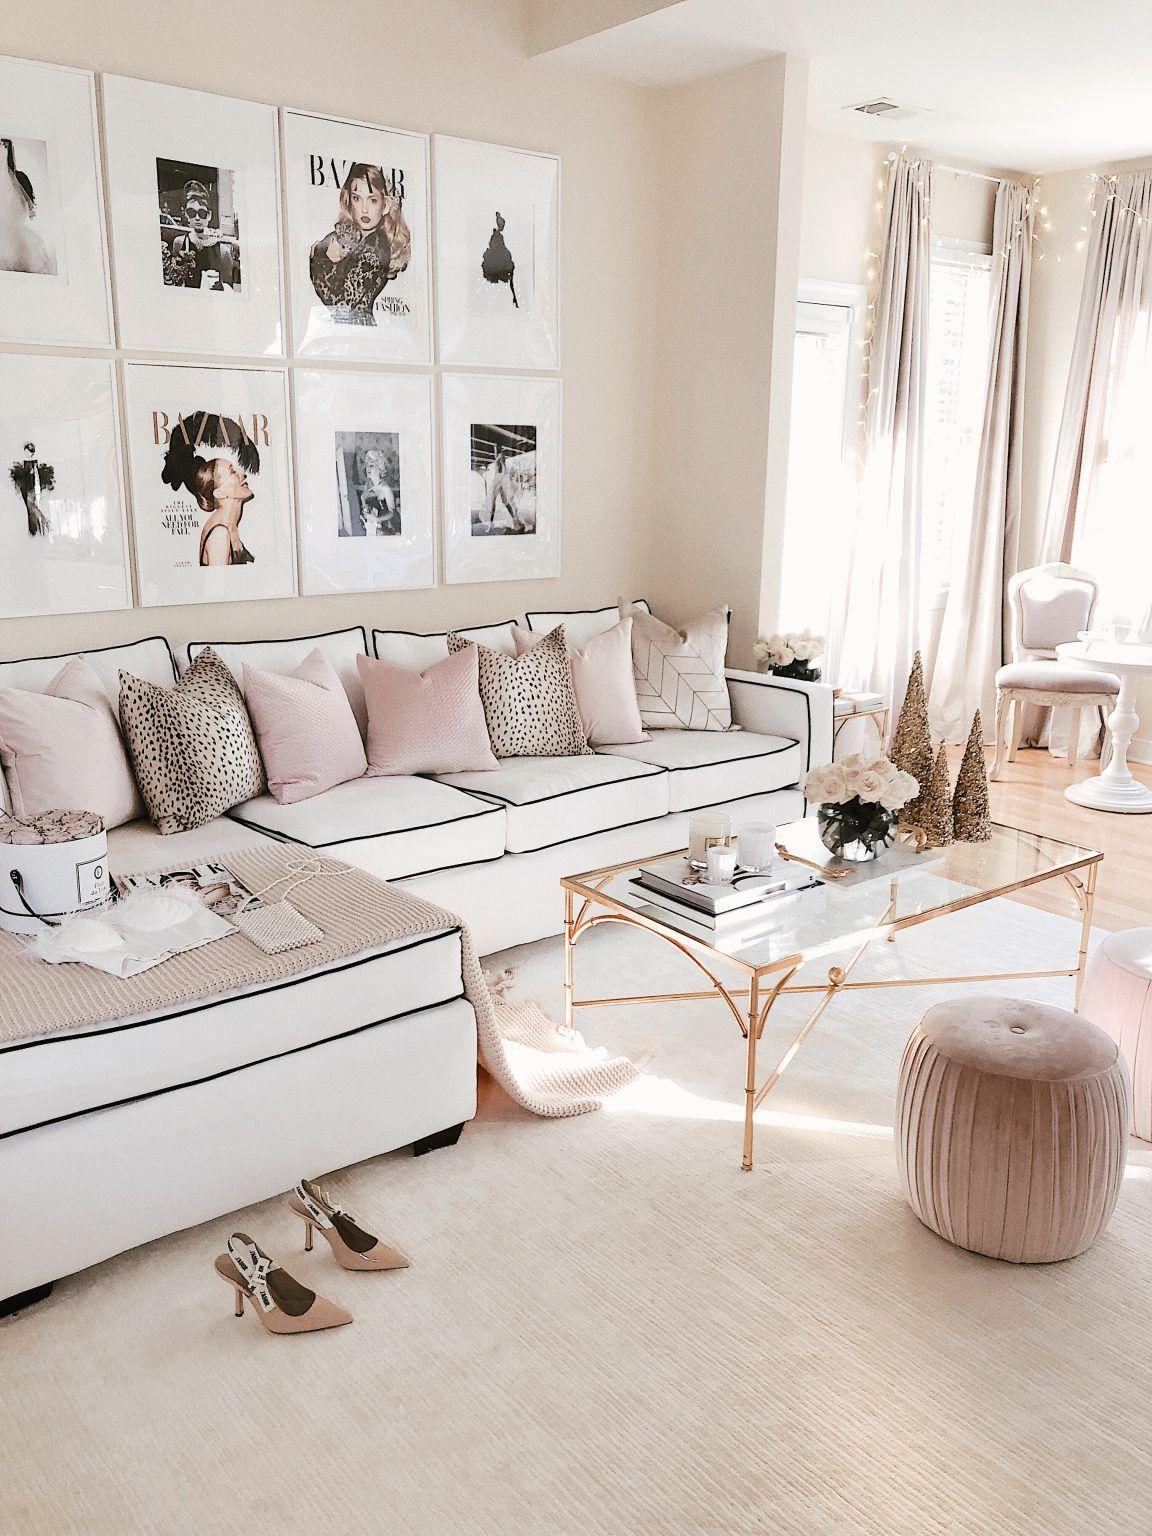 Chanel Glam Inspired Living Room Makeover Living Room Decor Apartment Living Room Makeover Living Room Designs #no #sofa #living #room